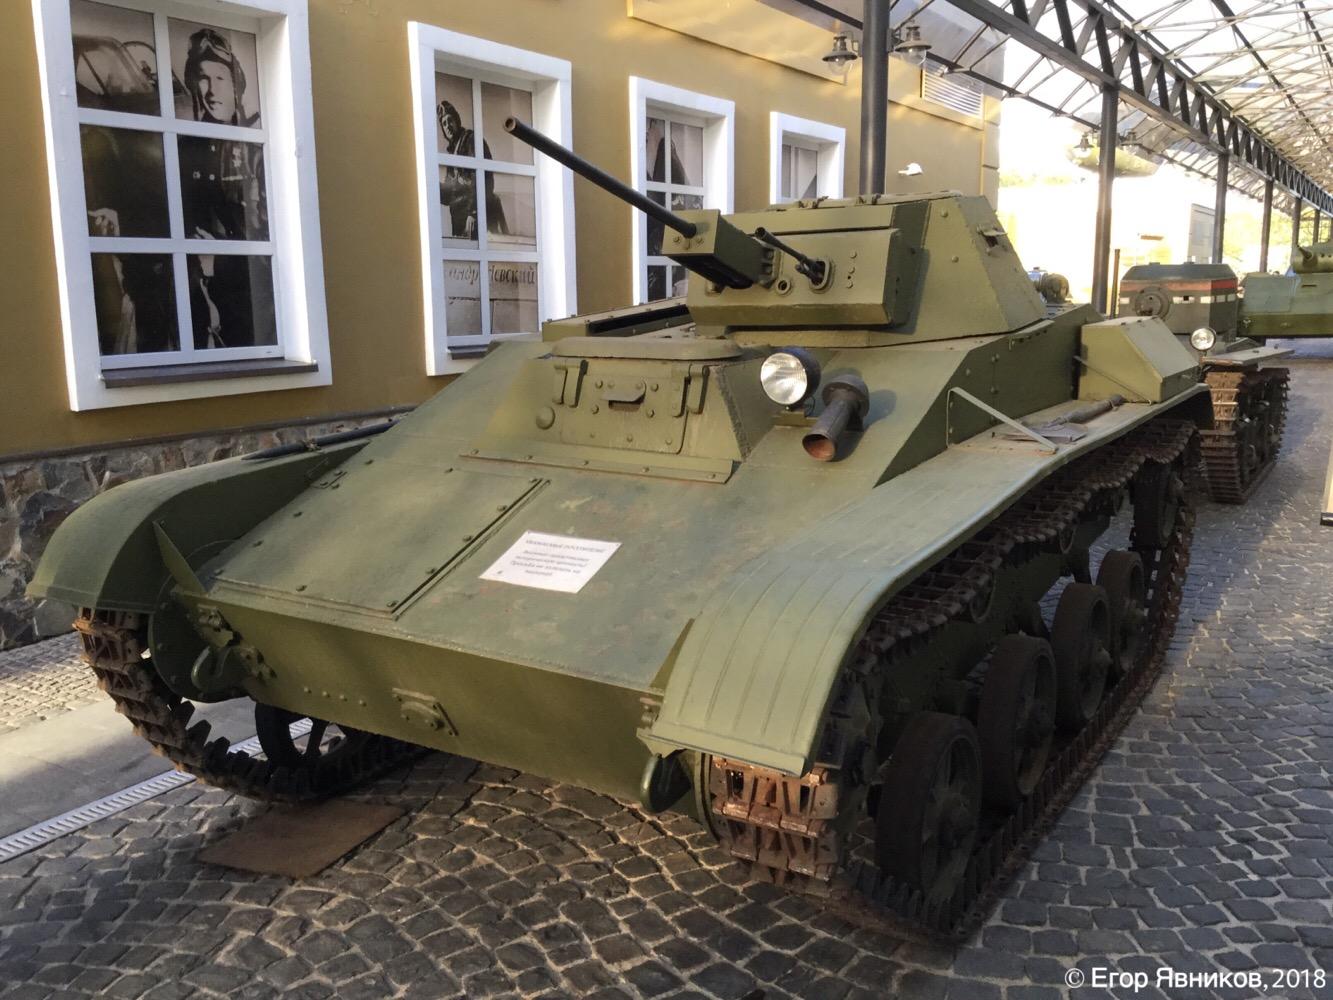 Советский лёгкий танк Т-60. Московская область, Ильинское шоссе 4-ый км (Музей техники Вадима Задорожного)